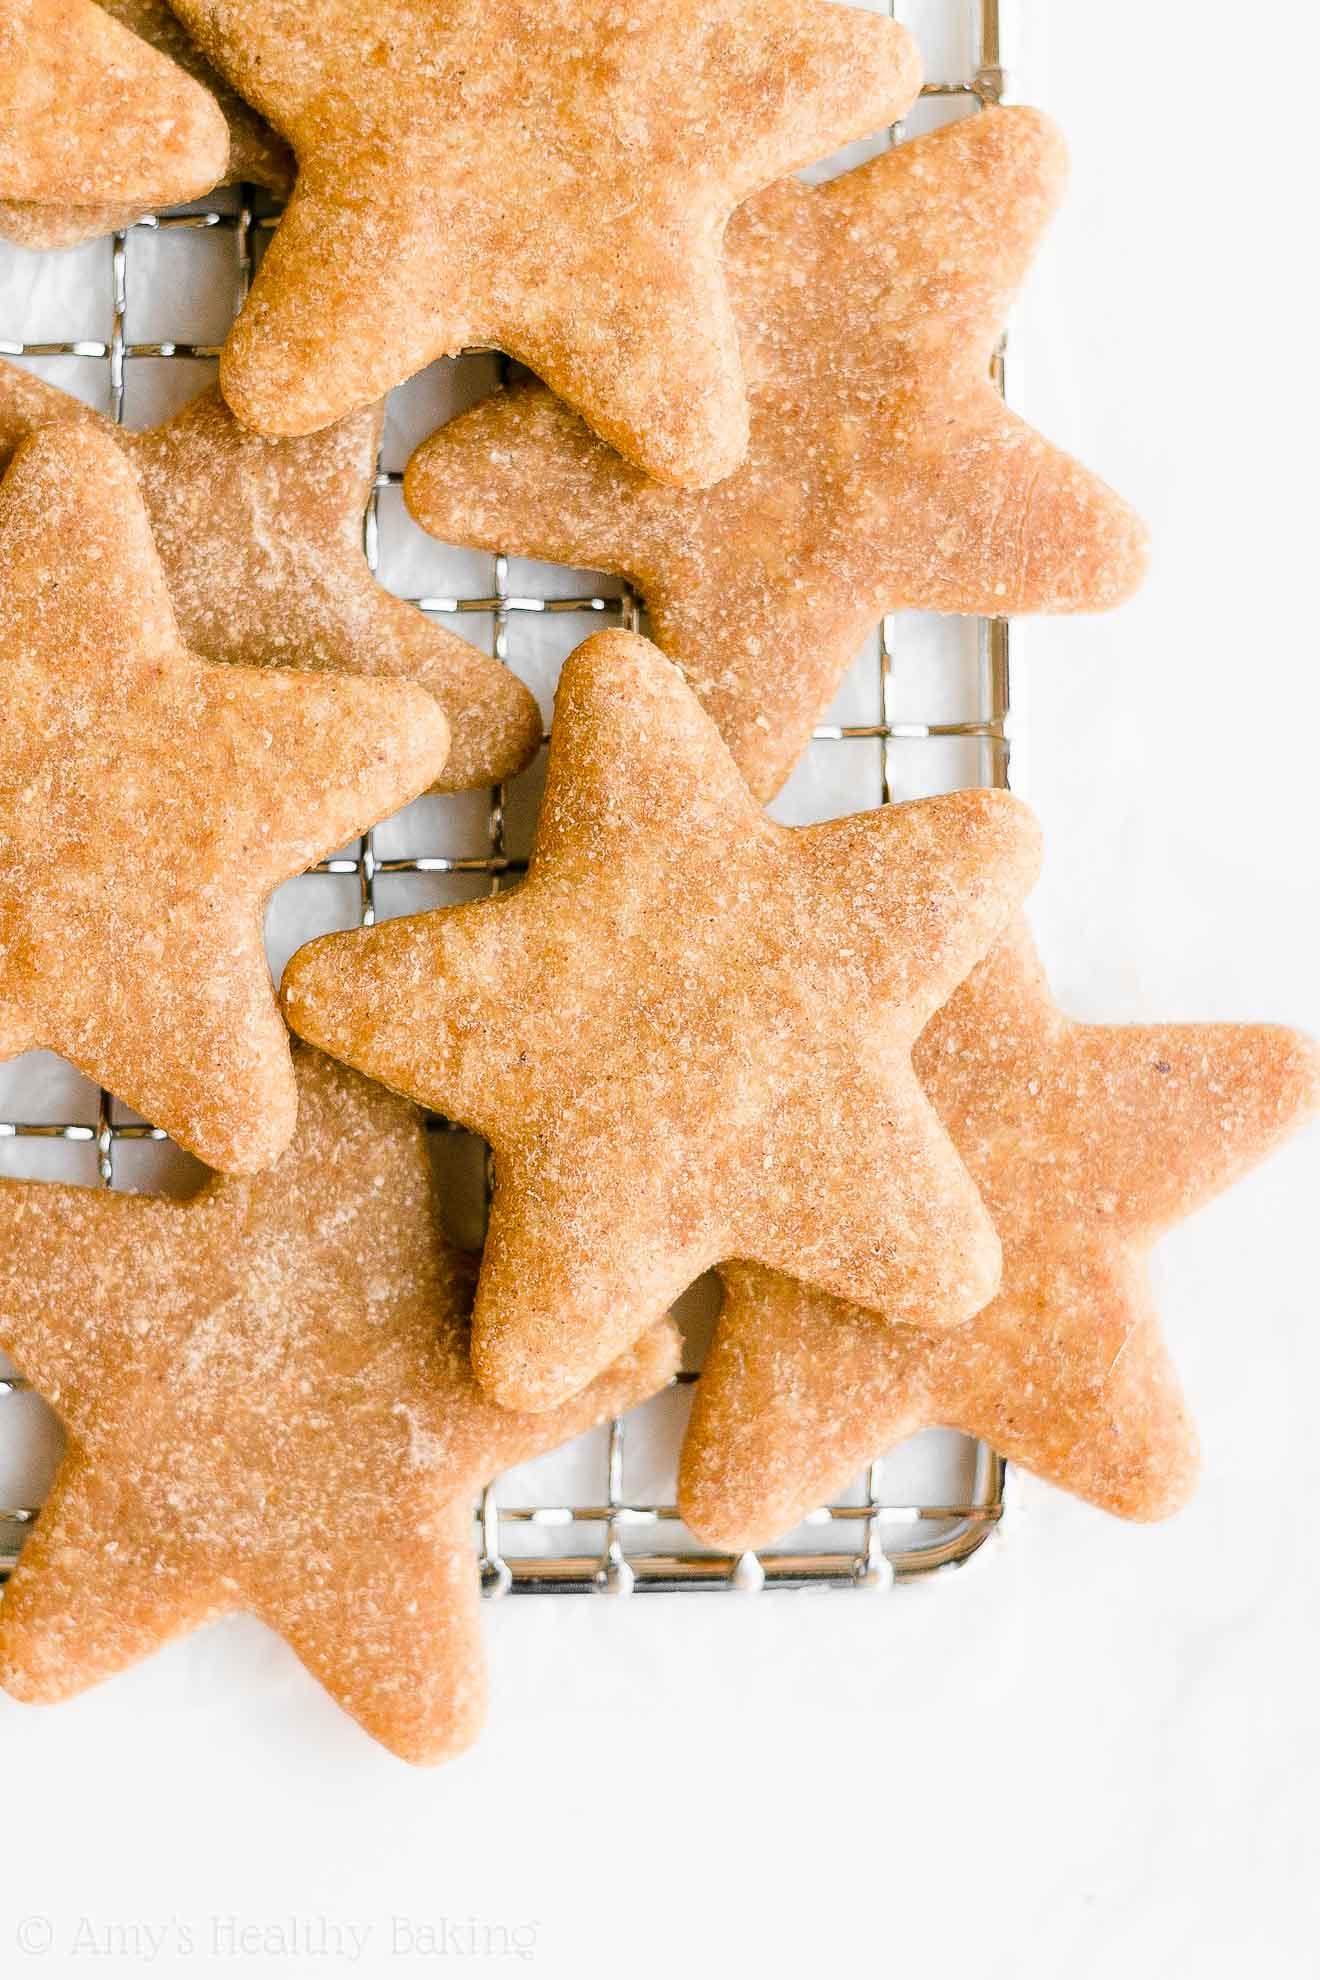 Best Easy Healthy Vegan Gluten Free Soft Eggnog Christmas Sugar Cookies